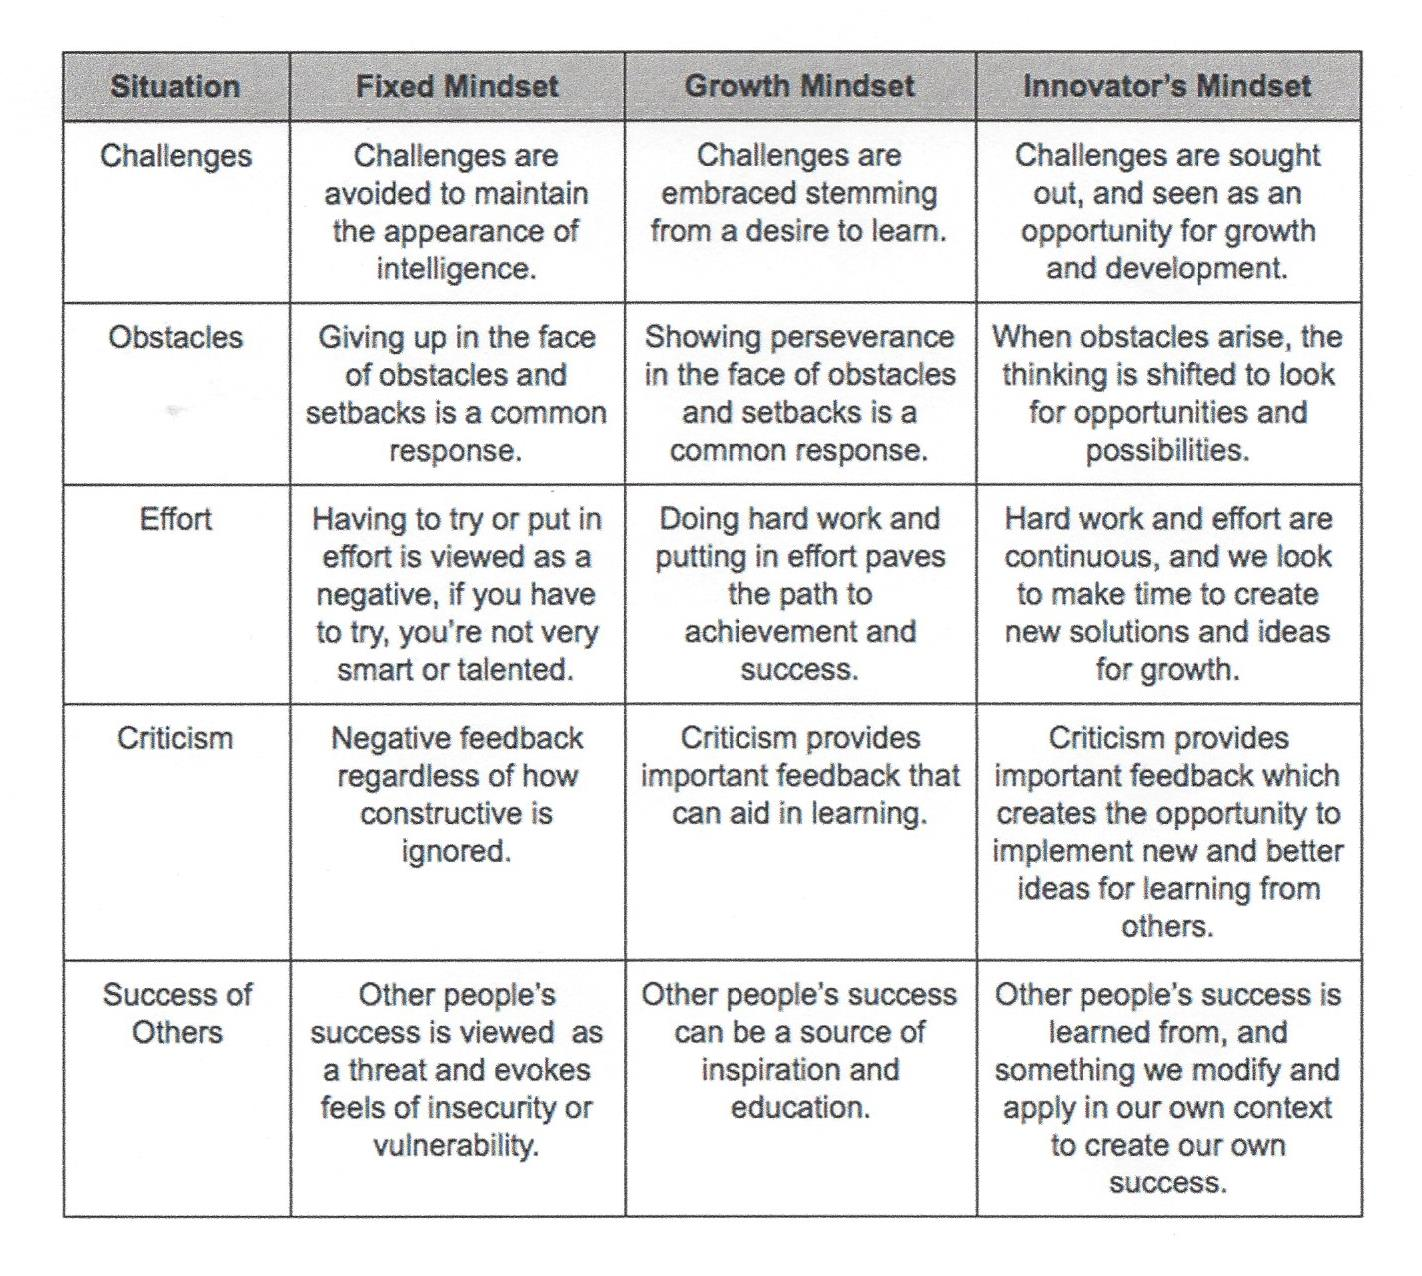 GrowthMinsetCourosModel